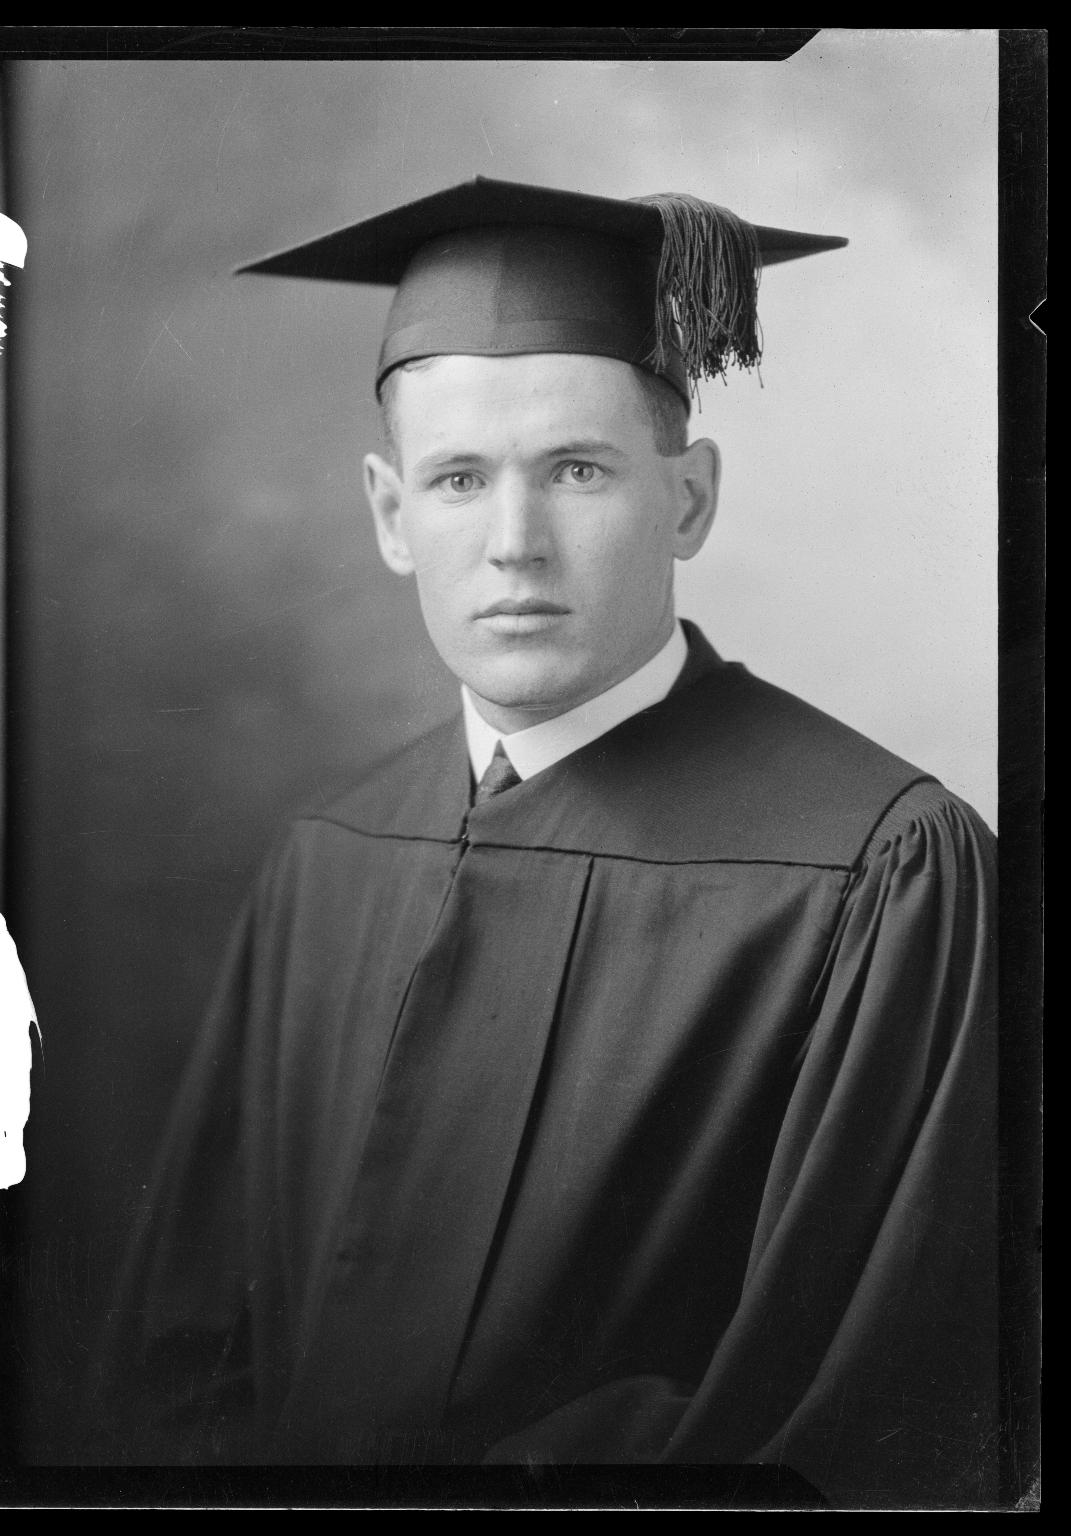 Portraits of John L. Fertig